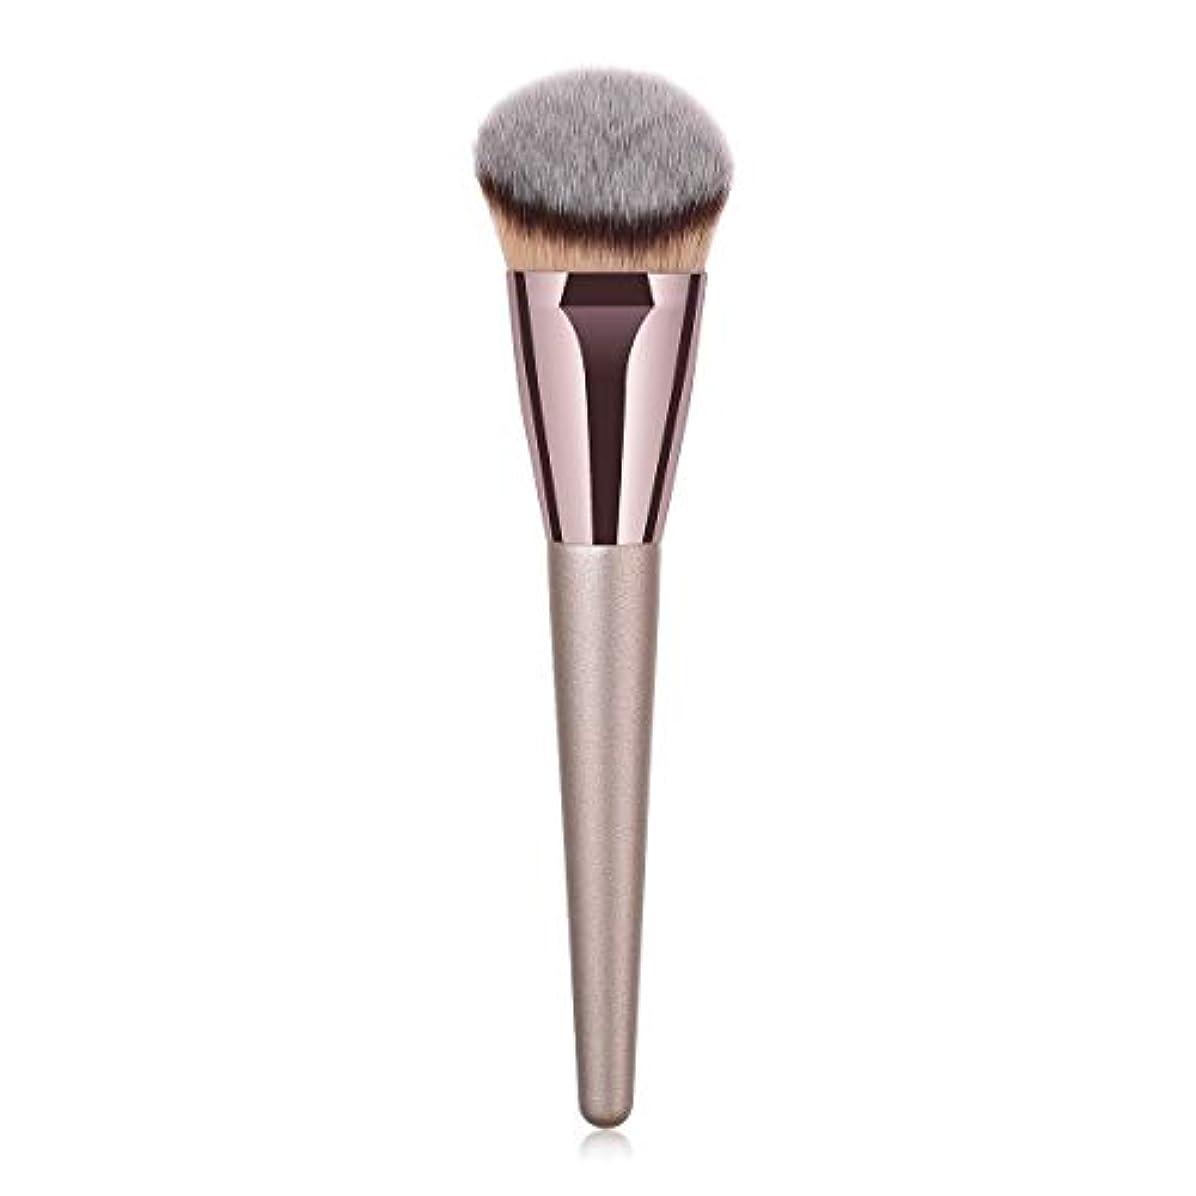 有料階列車Makeup brushes 持ち運びに便利、歌舞伎化粧ブラシ用パウダーブラッシュパウダーフルイド化粧品美容ツールCanonicalシングルブラシ suits (Color : Gray)